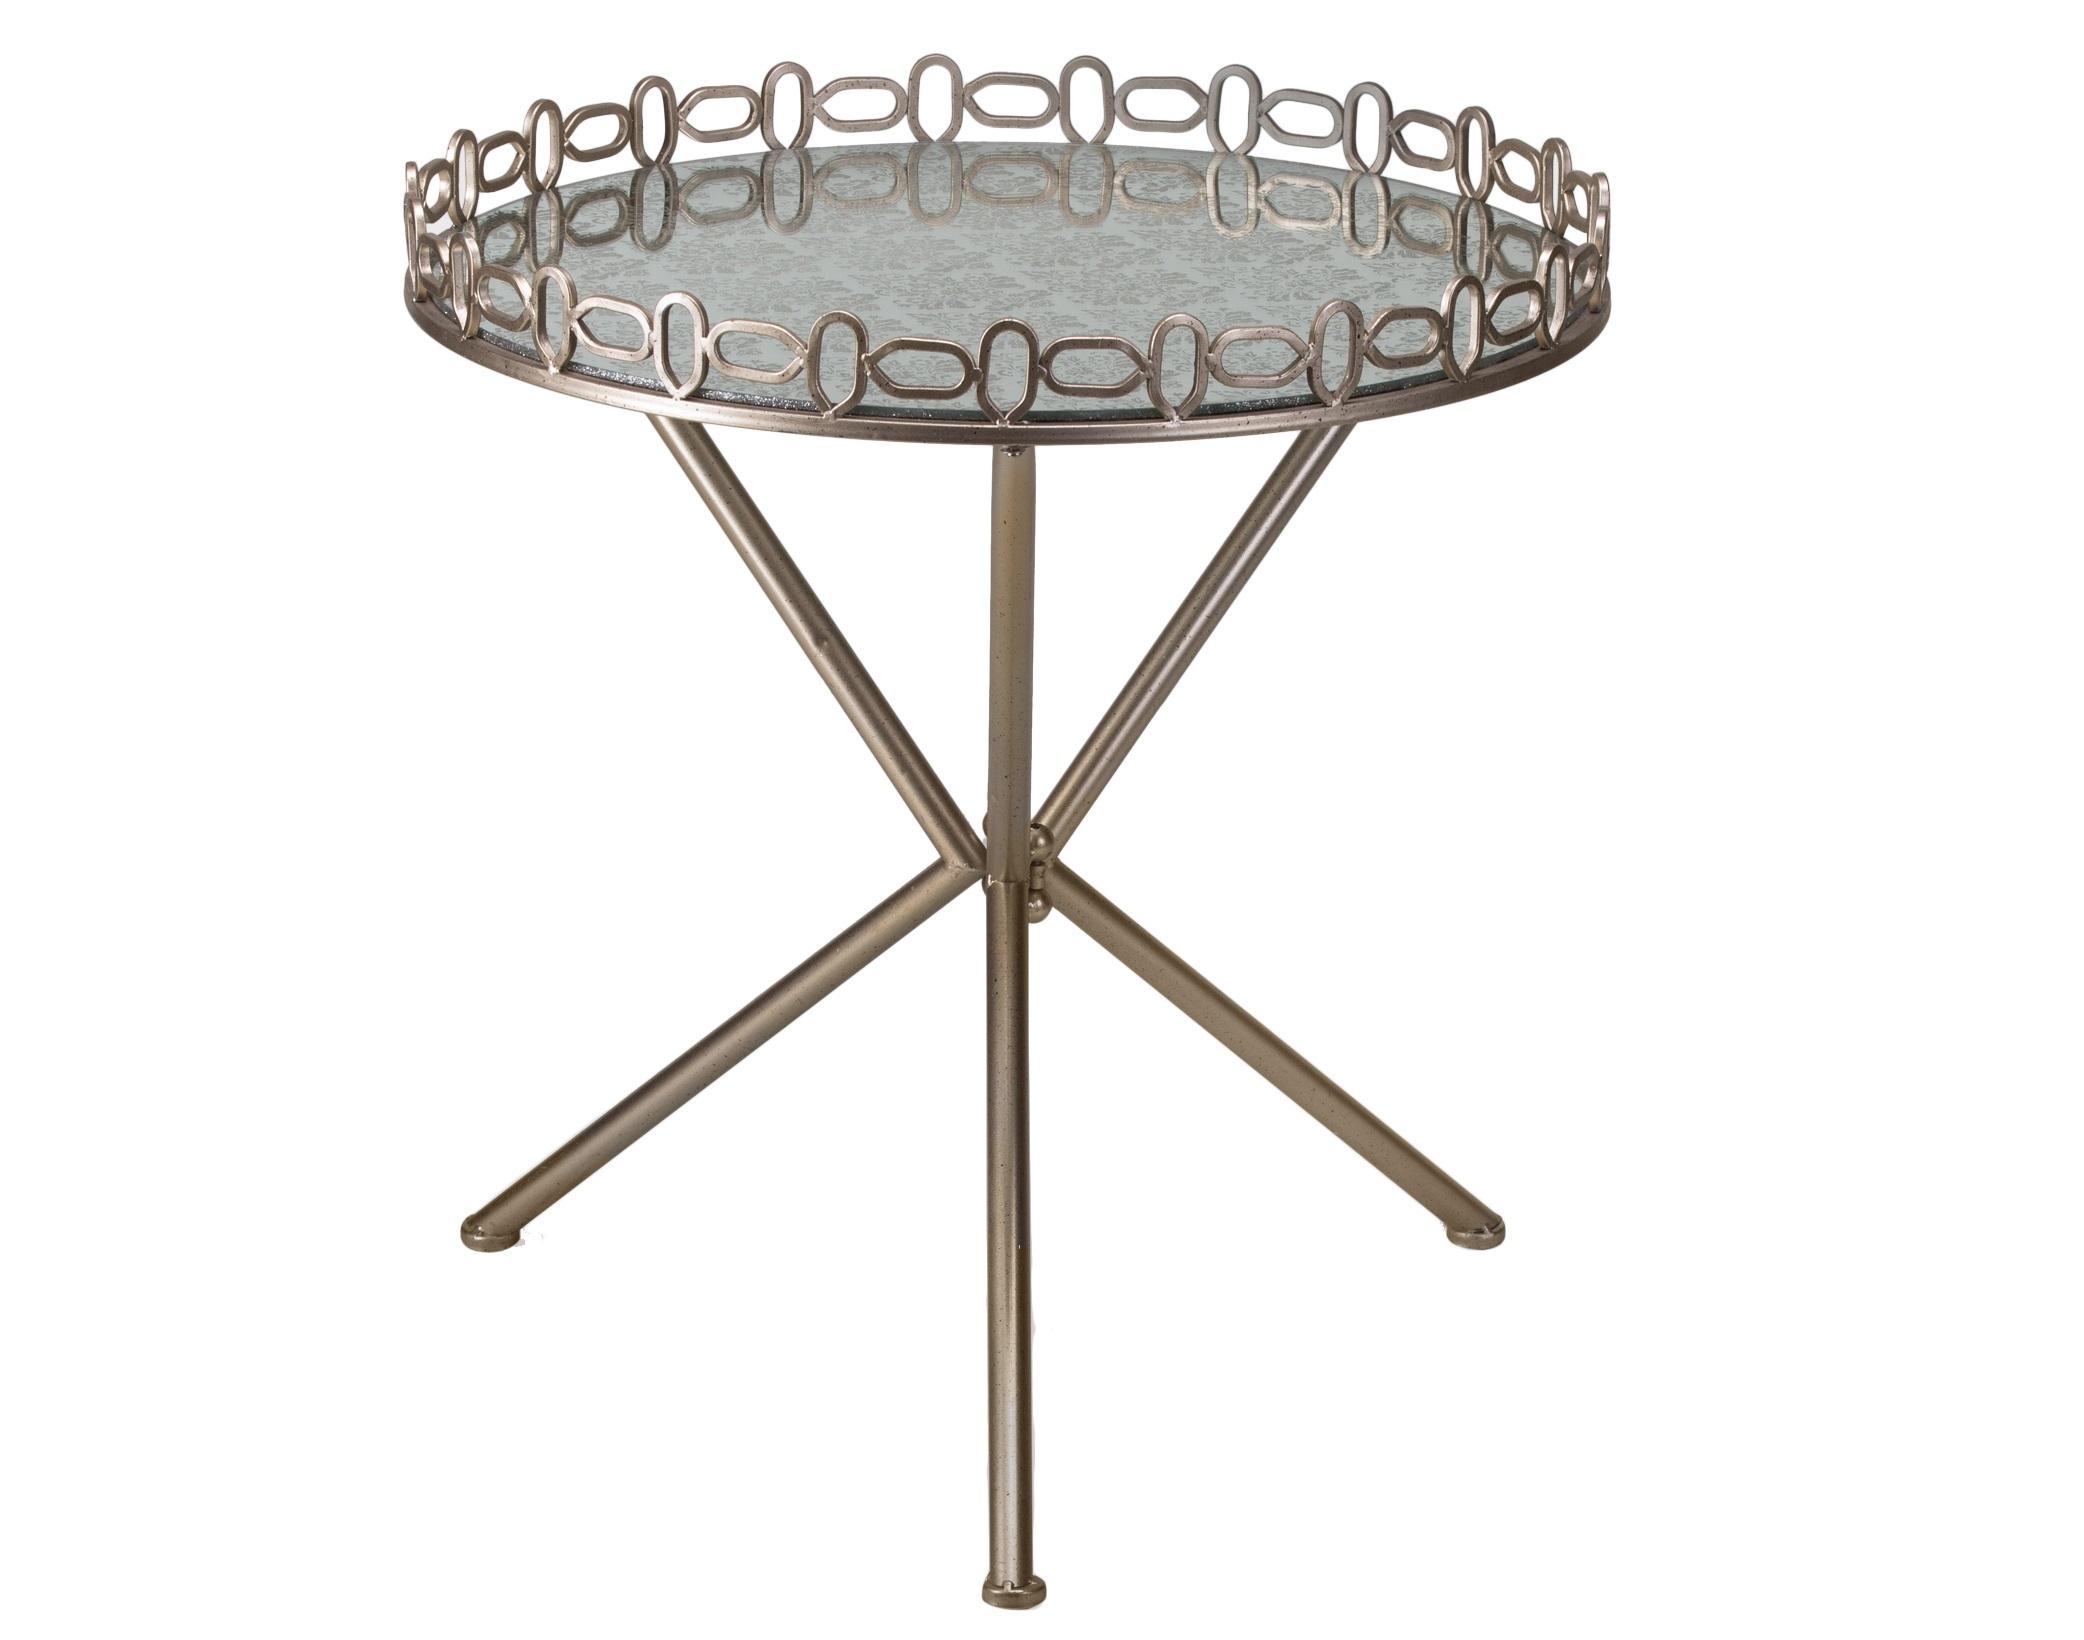 СтоликКофейные столики<br>Круглый столик на металлической ножке, столешница с узором по зеркалу.<br><br>Material: Металл<br>Length см: None<br>Height см: 67<br>Diameter см: 61